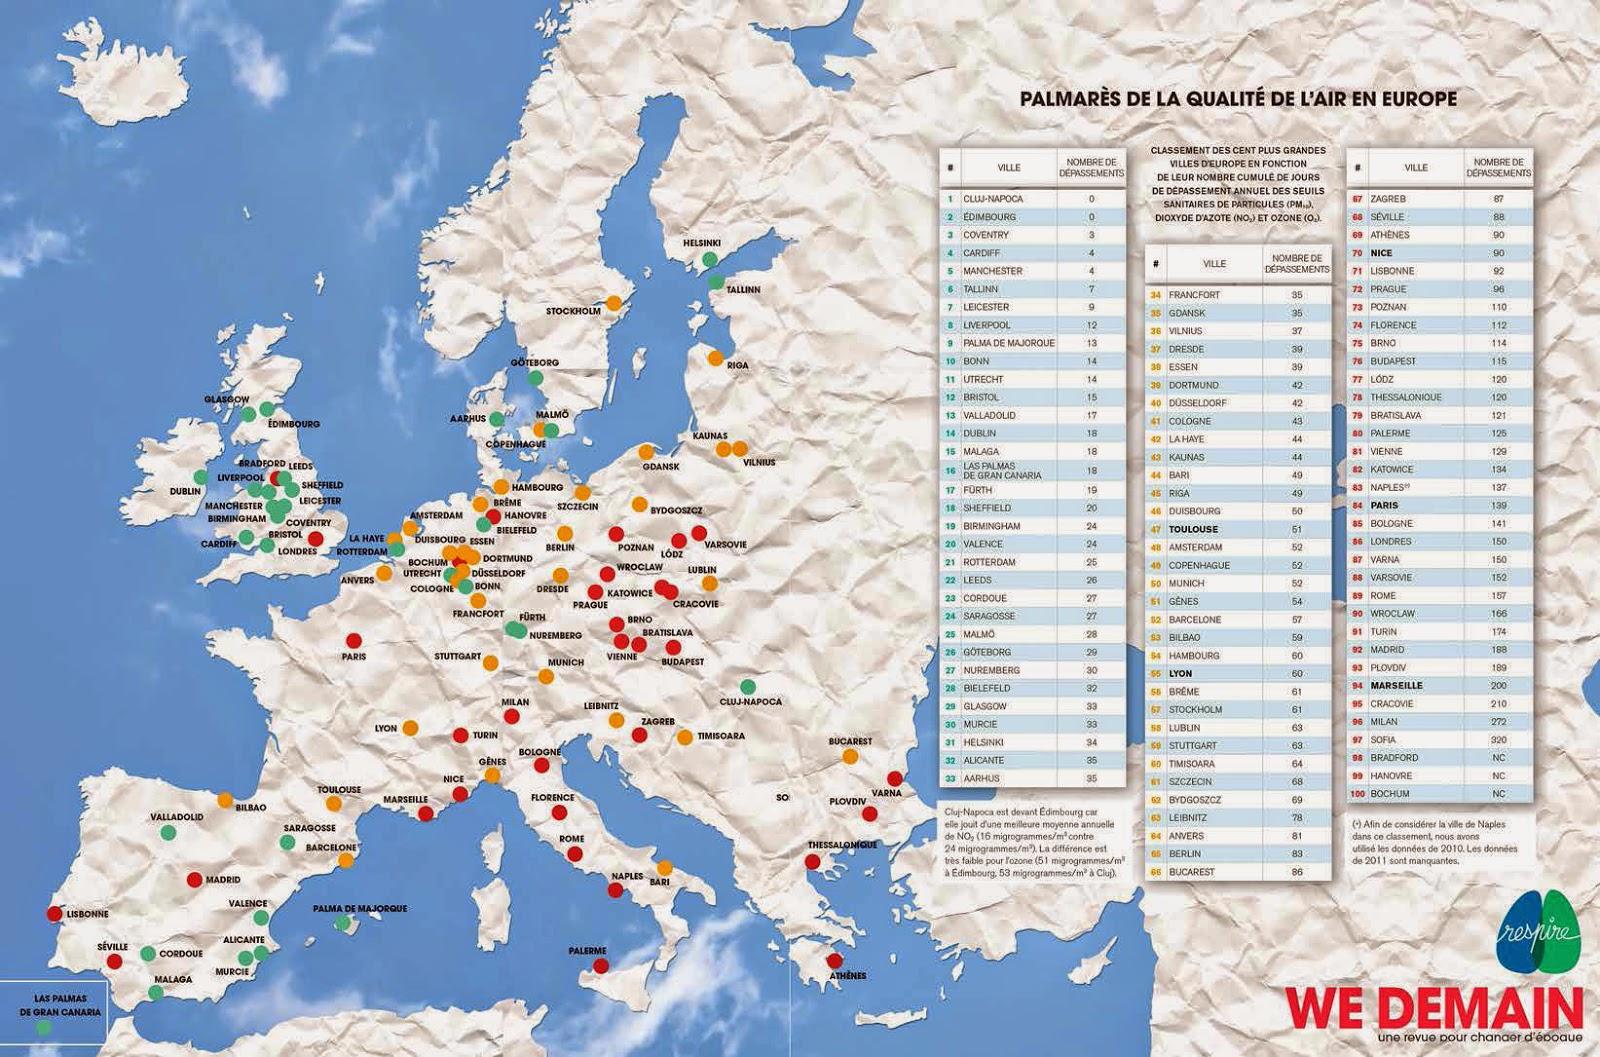 Classement de la qualité de l'air en Europe – les 100 plus grandes villes